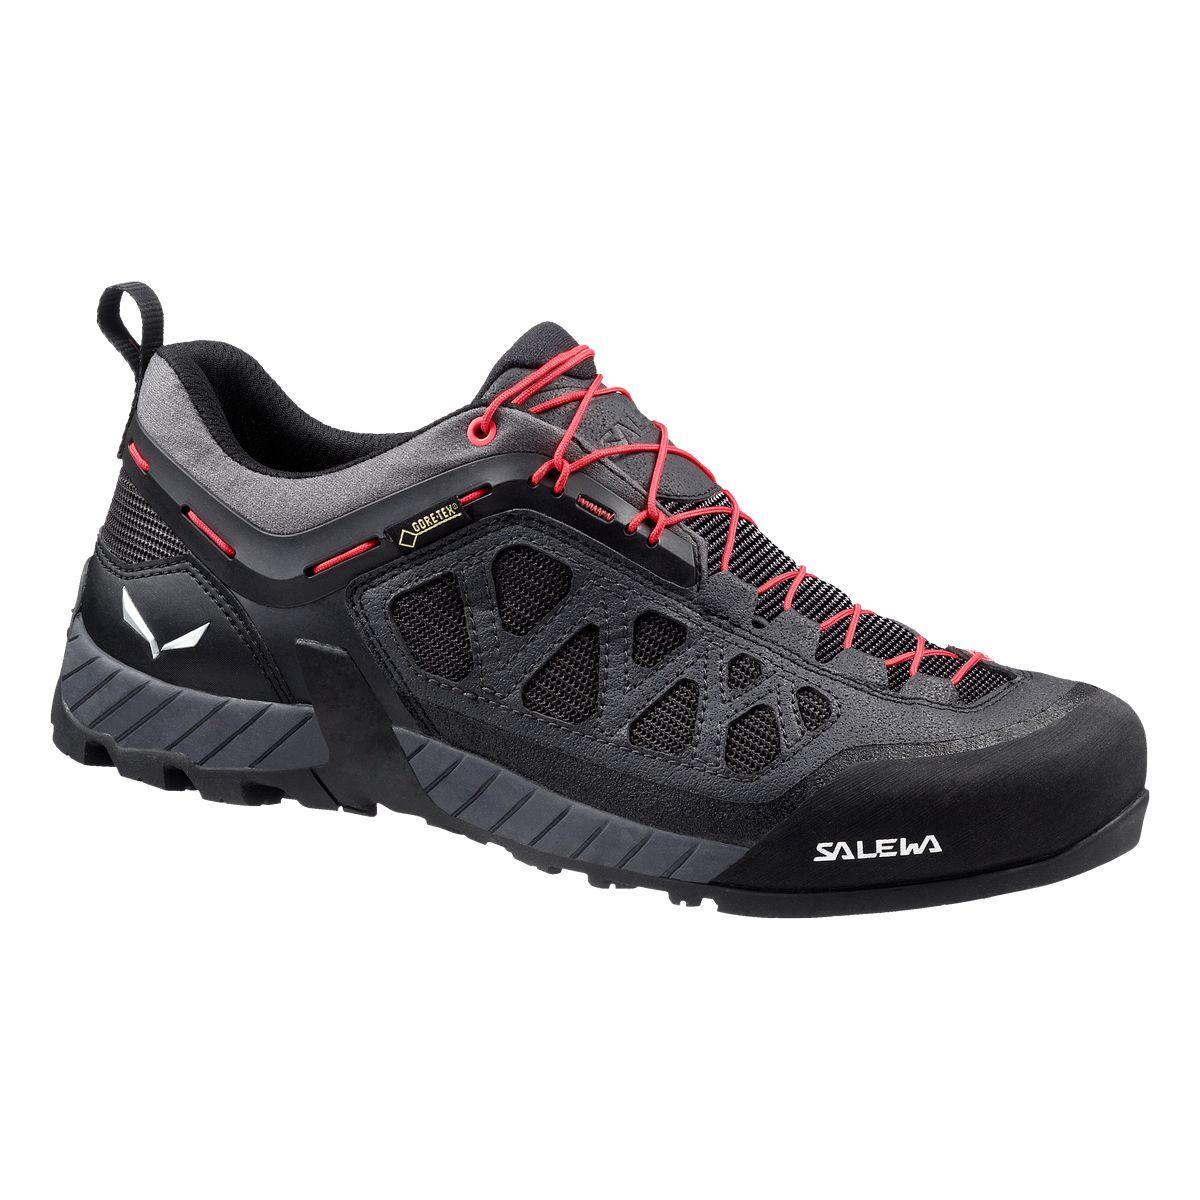 Купить Ботинки для треккинга (низкие) Salewa 2017 WS FIRETAIL 3 GTX Black Out/Hot Coral Треккинговая обувь 1240718